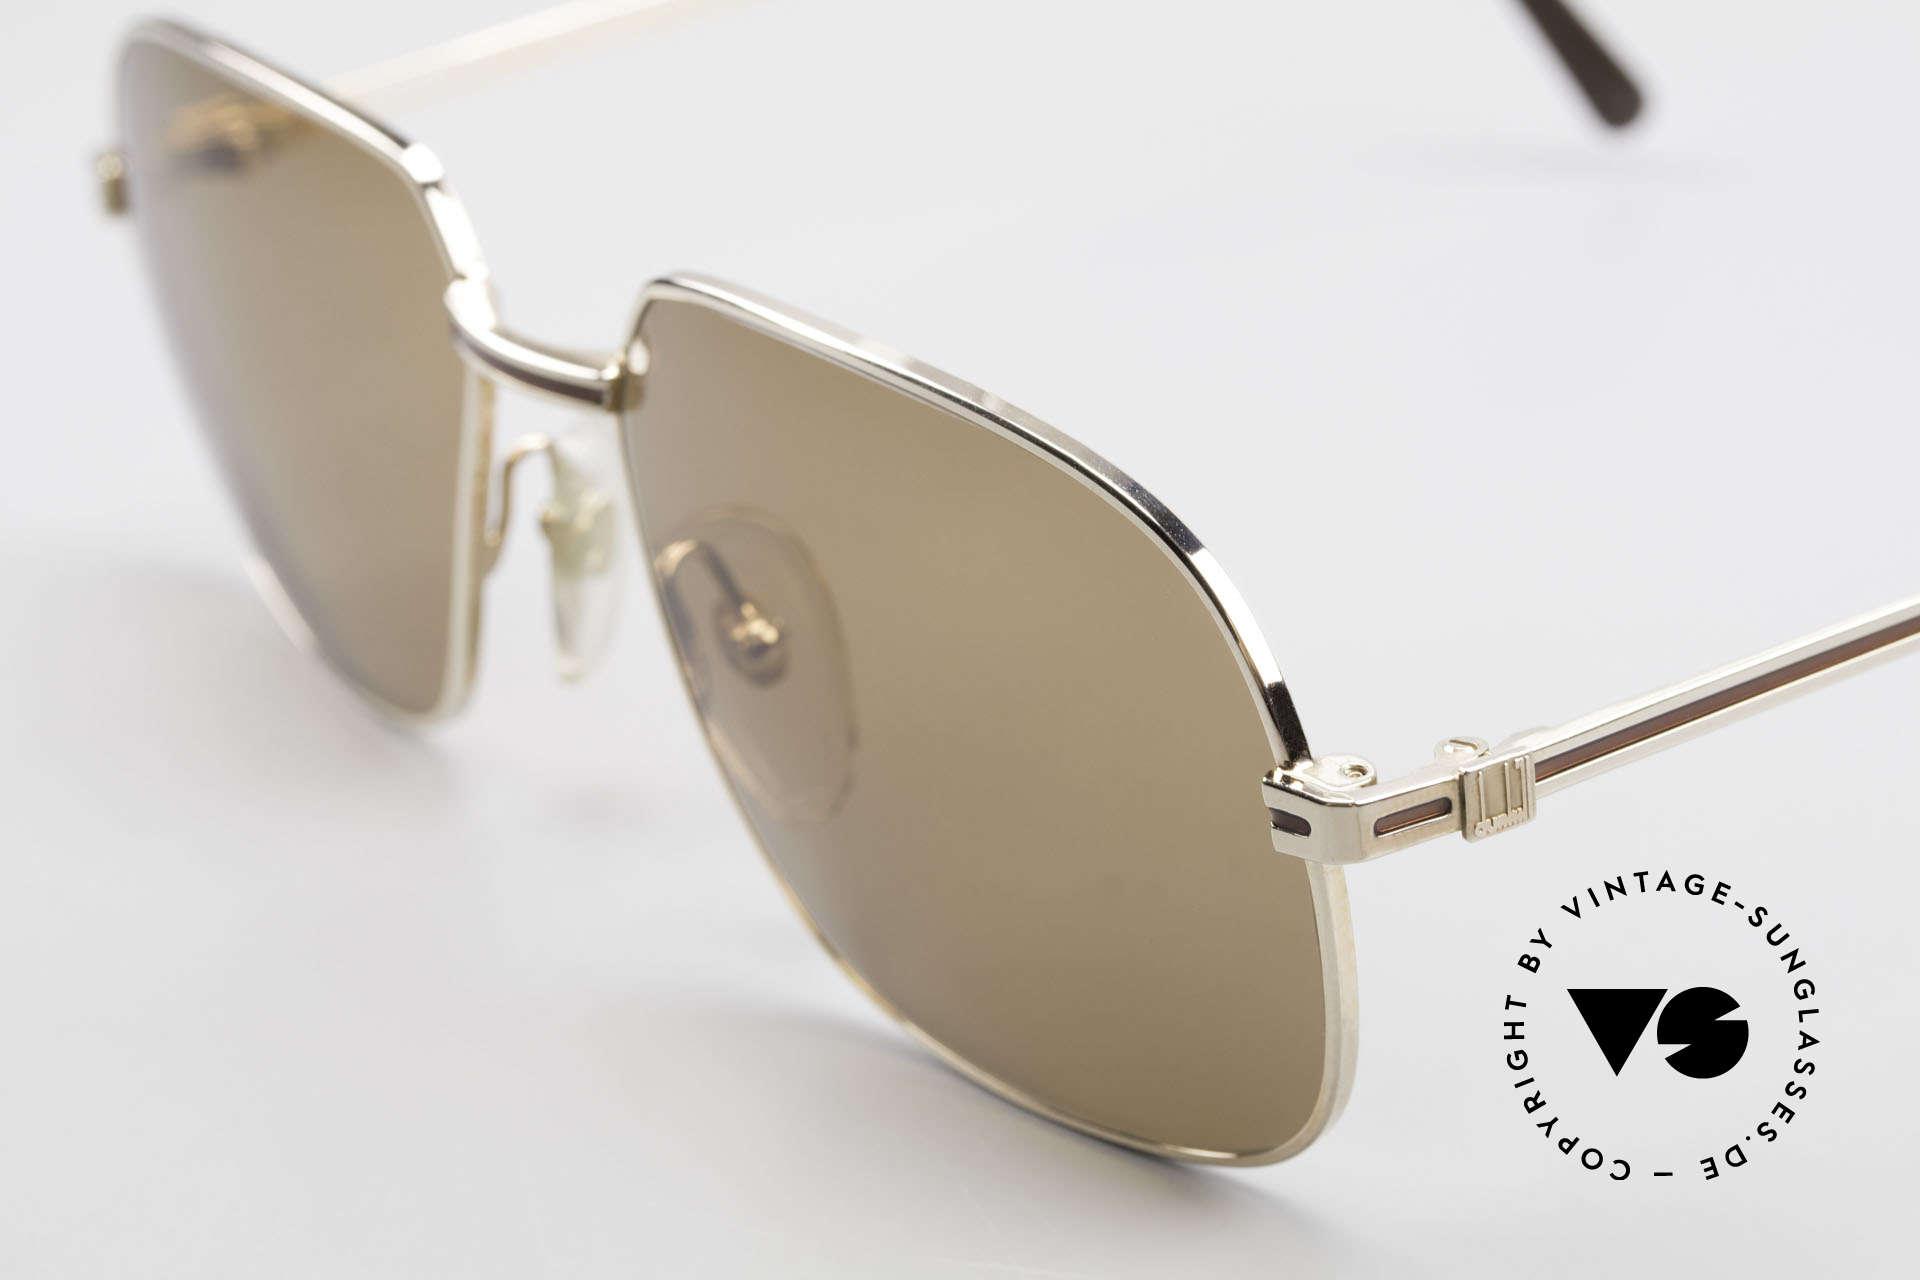 Dunhill 6123 Vergoldete Gentleman Brille, ungetragenes Einzelstück in unfassbarer Top-Qualität, Passend für Herren